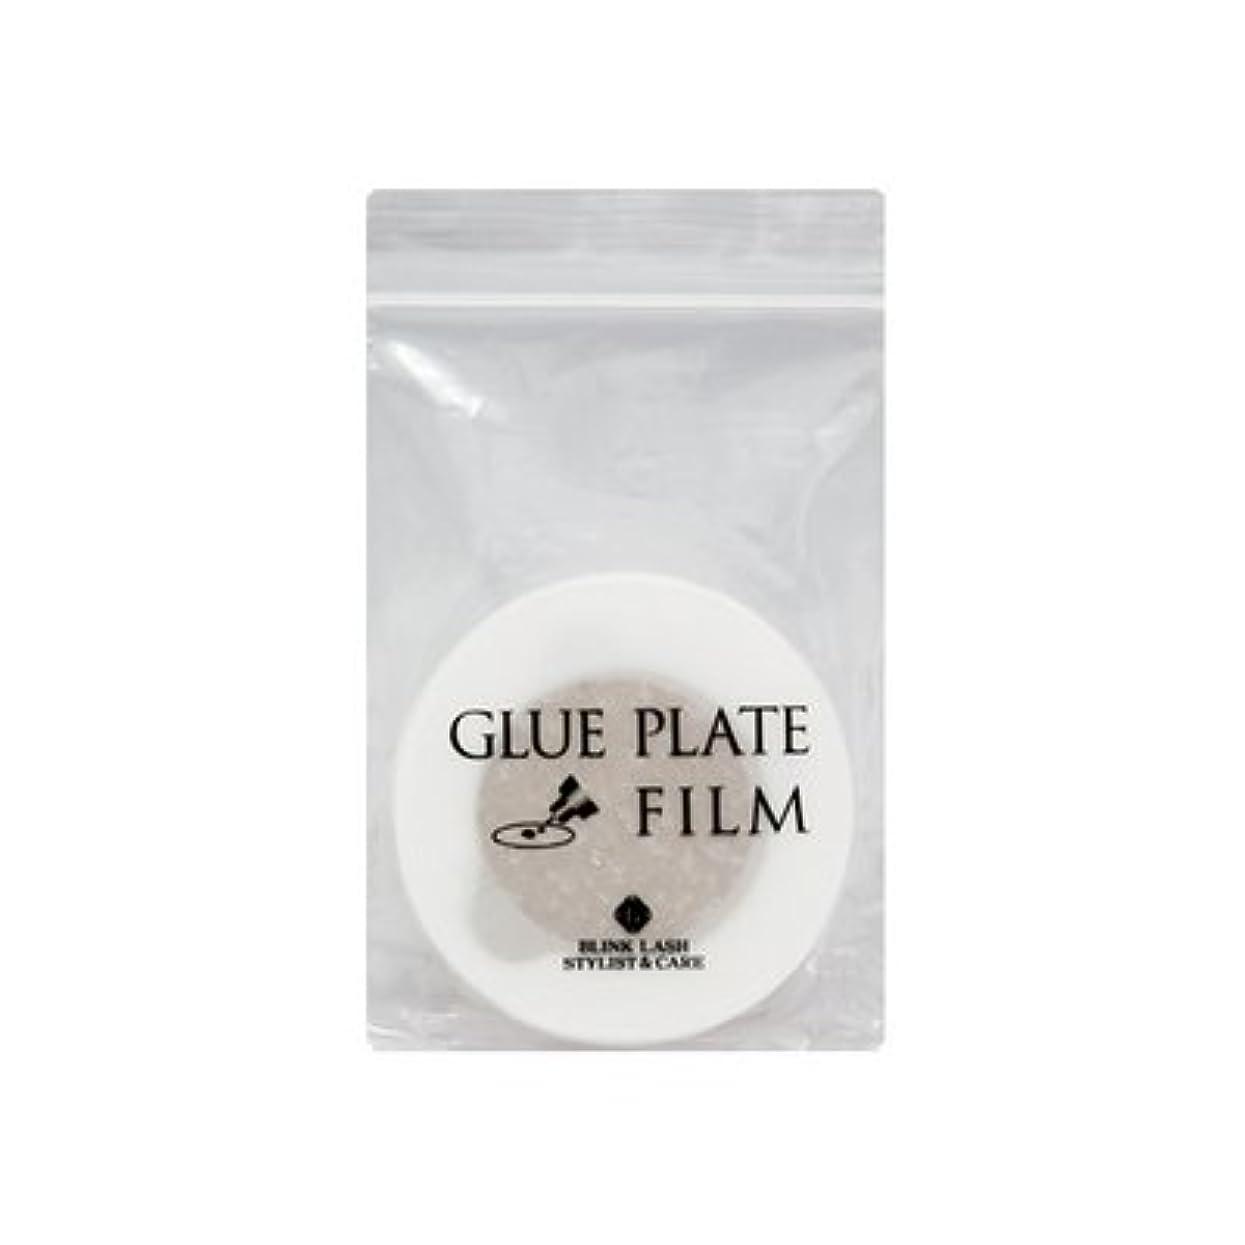 たらい生産的シリンダー【まつげエクステ】BLINK グループレートフィルム〈 30枚入 〉 (50mm)